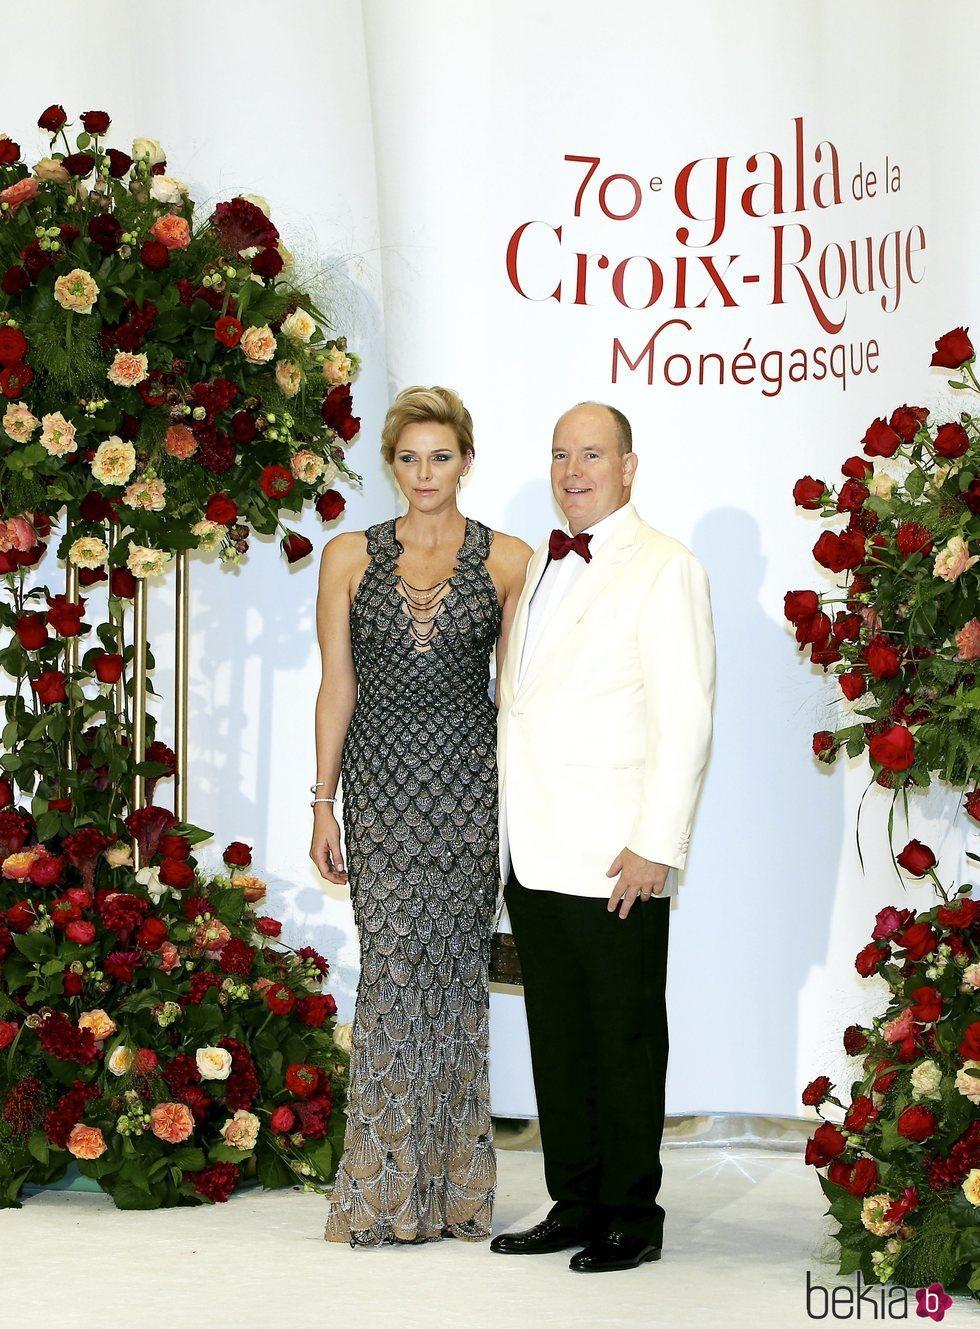 Alberto y Charlene de Mónaco en el Baile de la Cruz Roja 2018